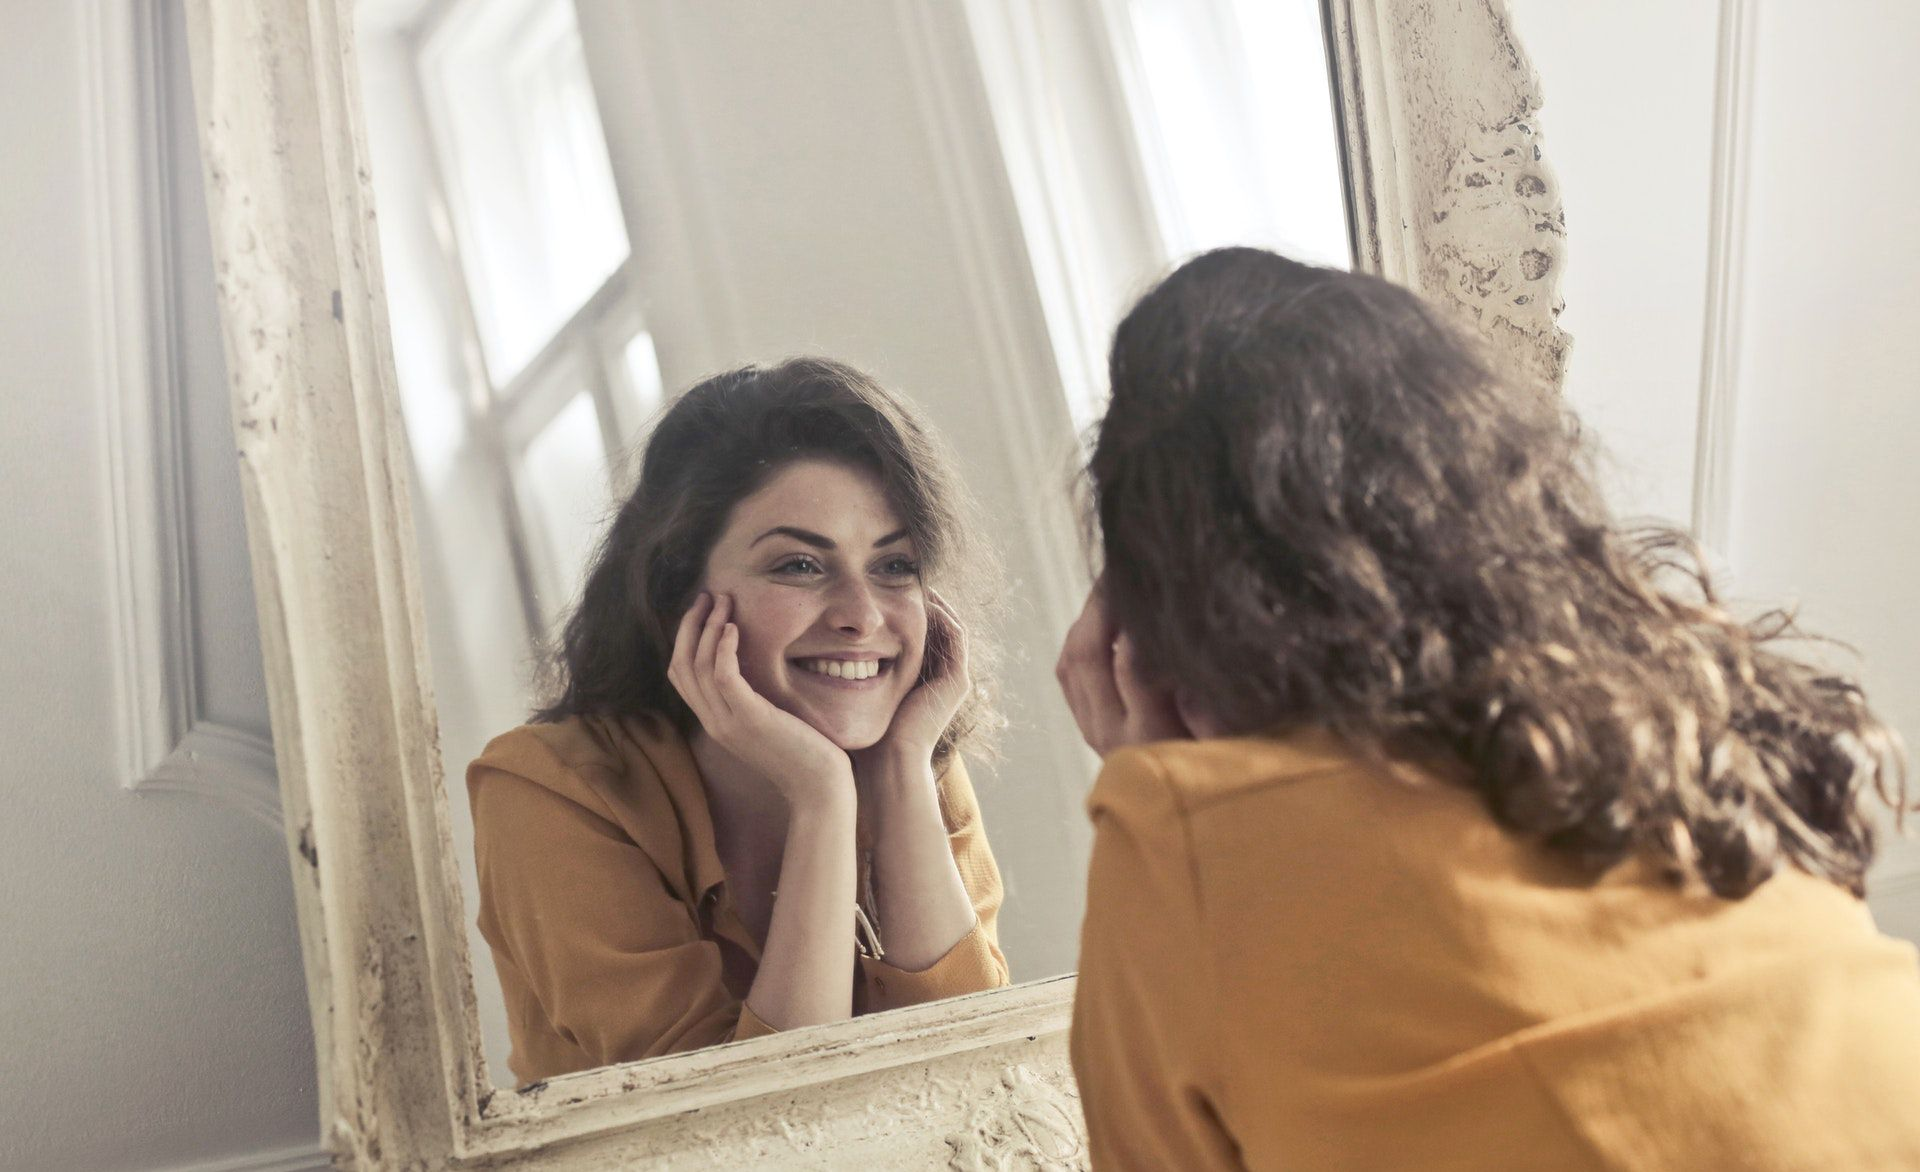 La ortodoncia invisible es más discreta que los brackets convencionales